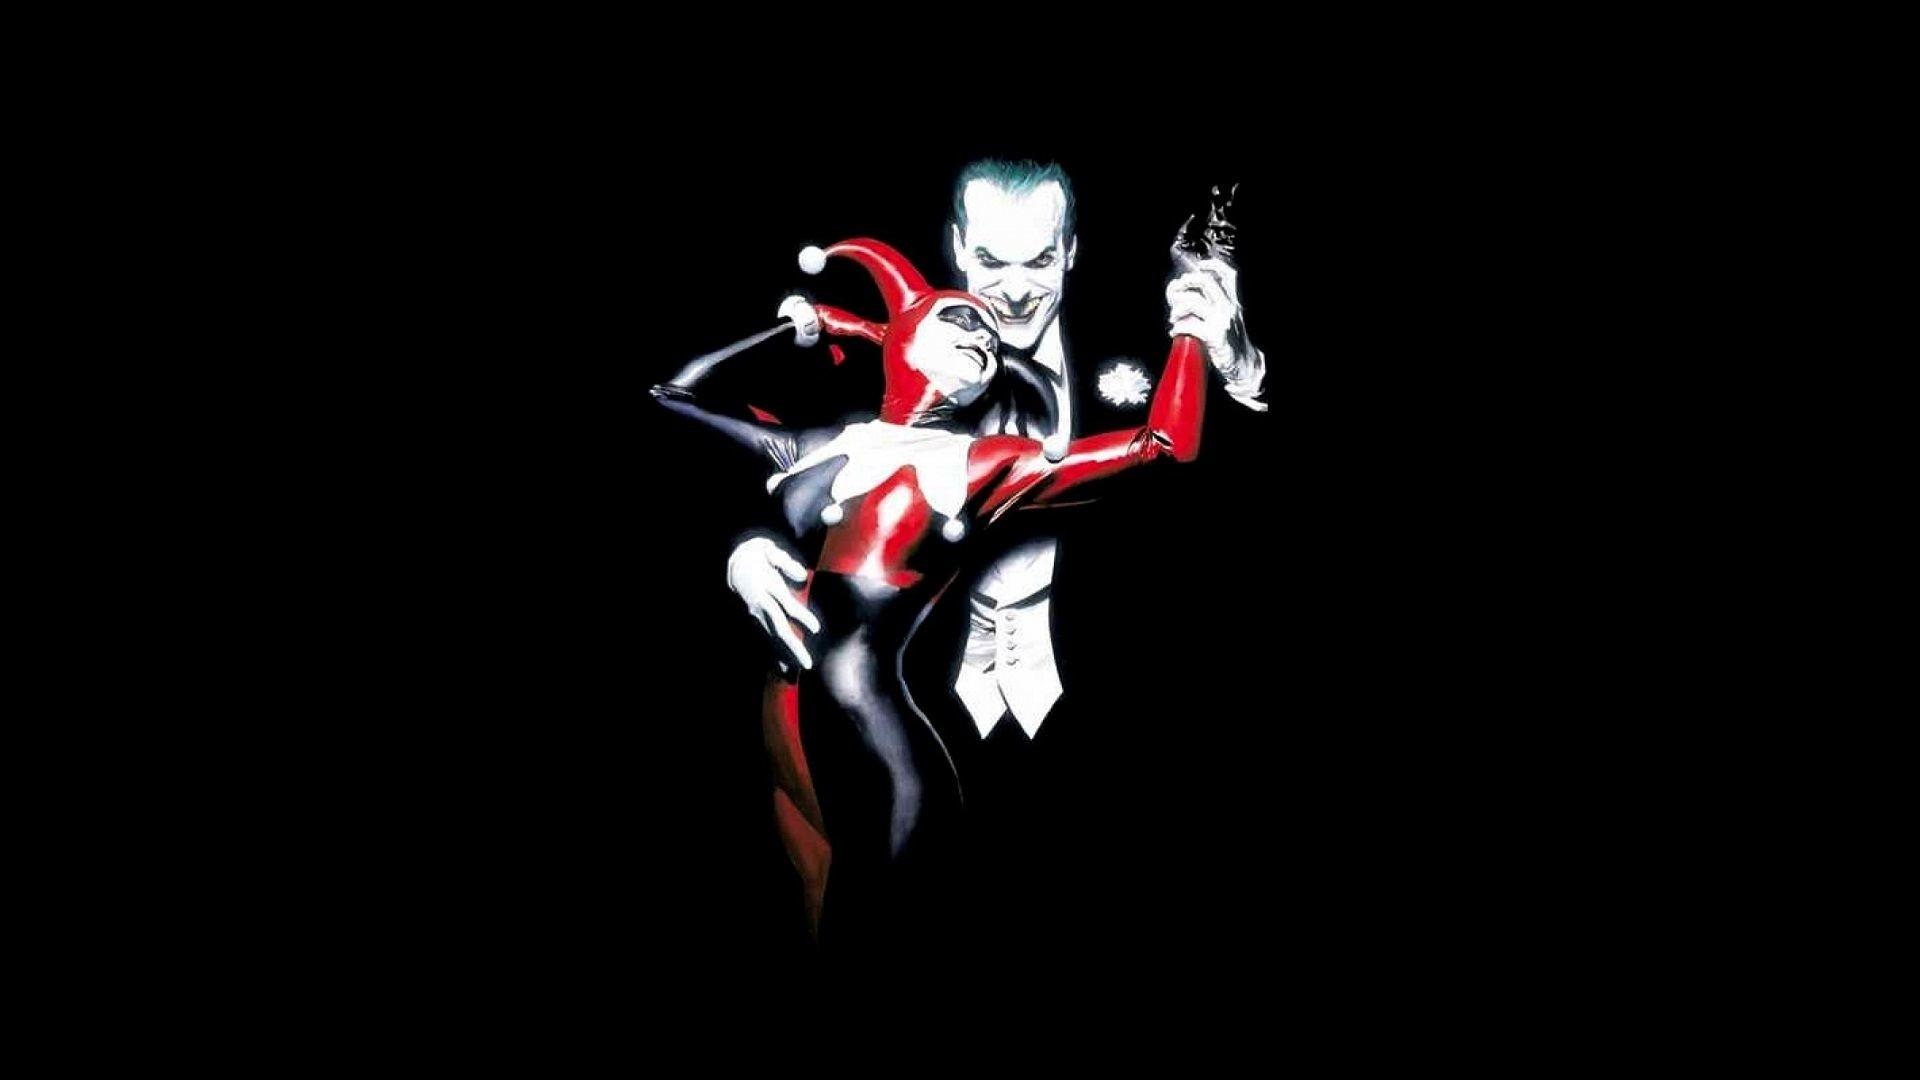 Joker Wallpaper 34 – HD Wallpaper, Wallpaper Pics – The Best .